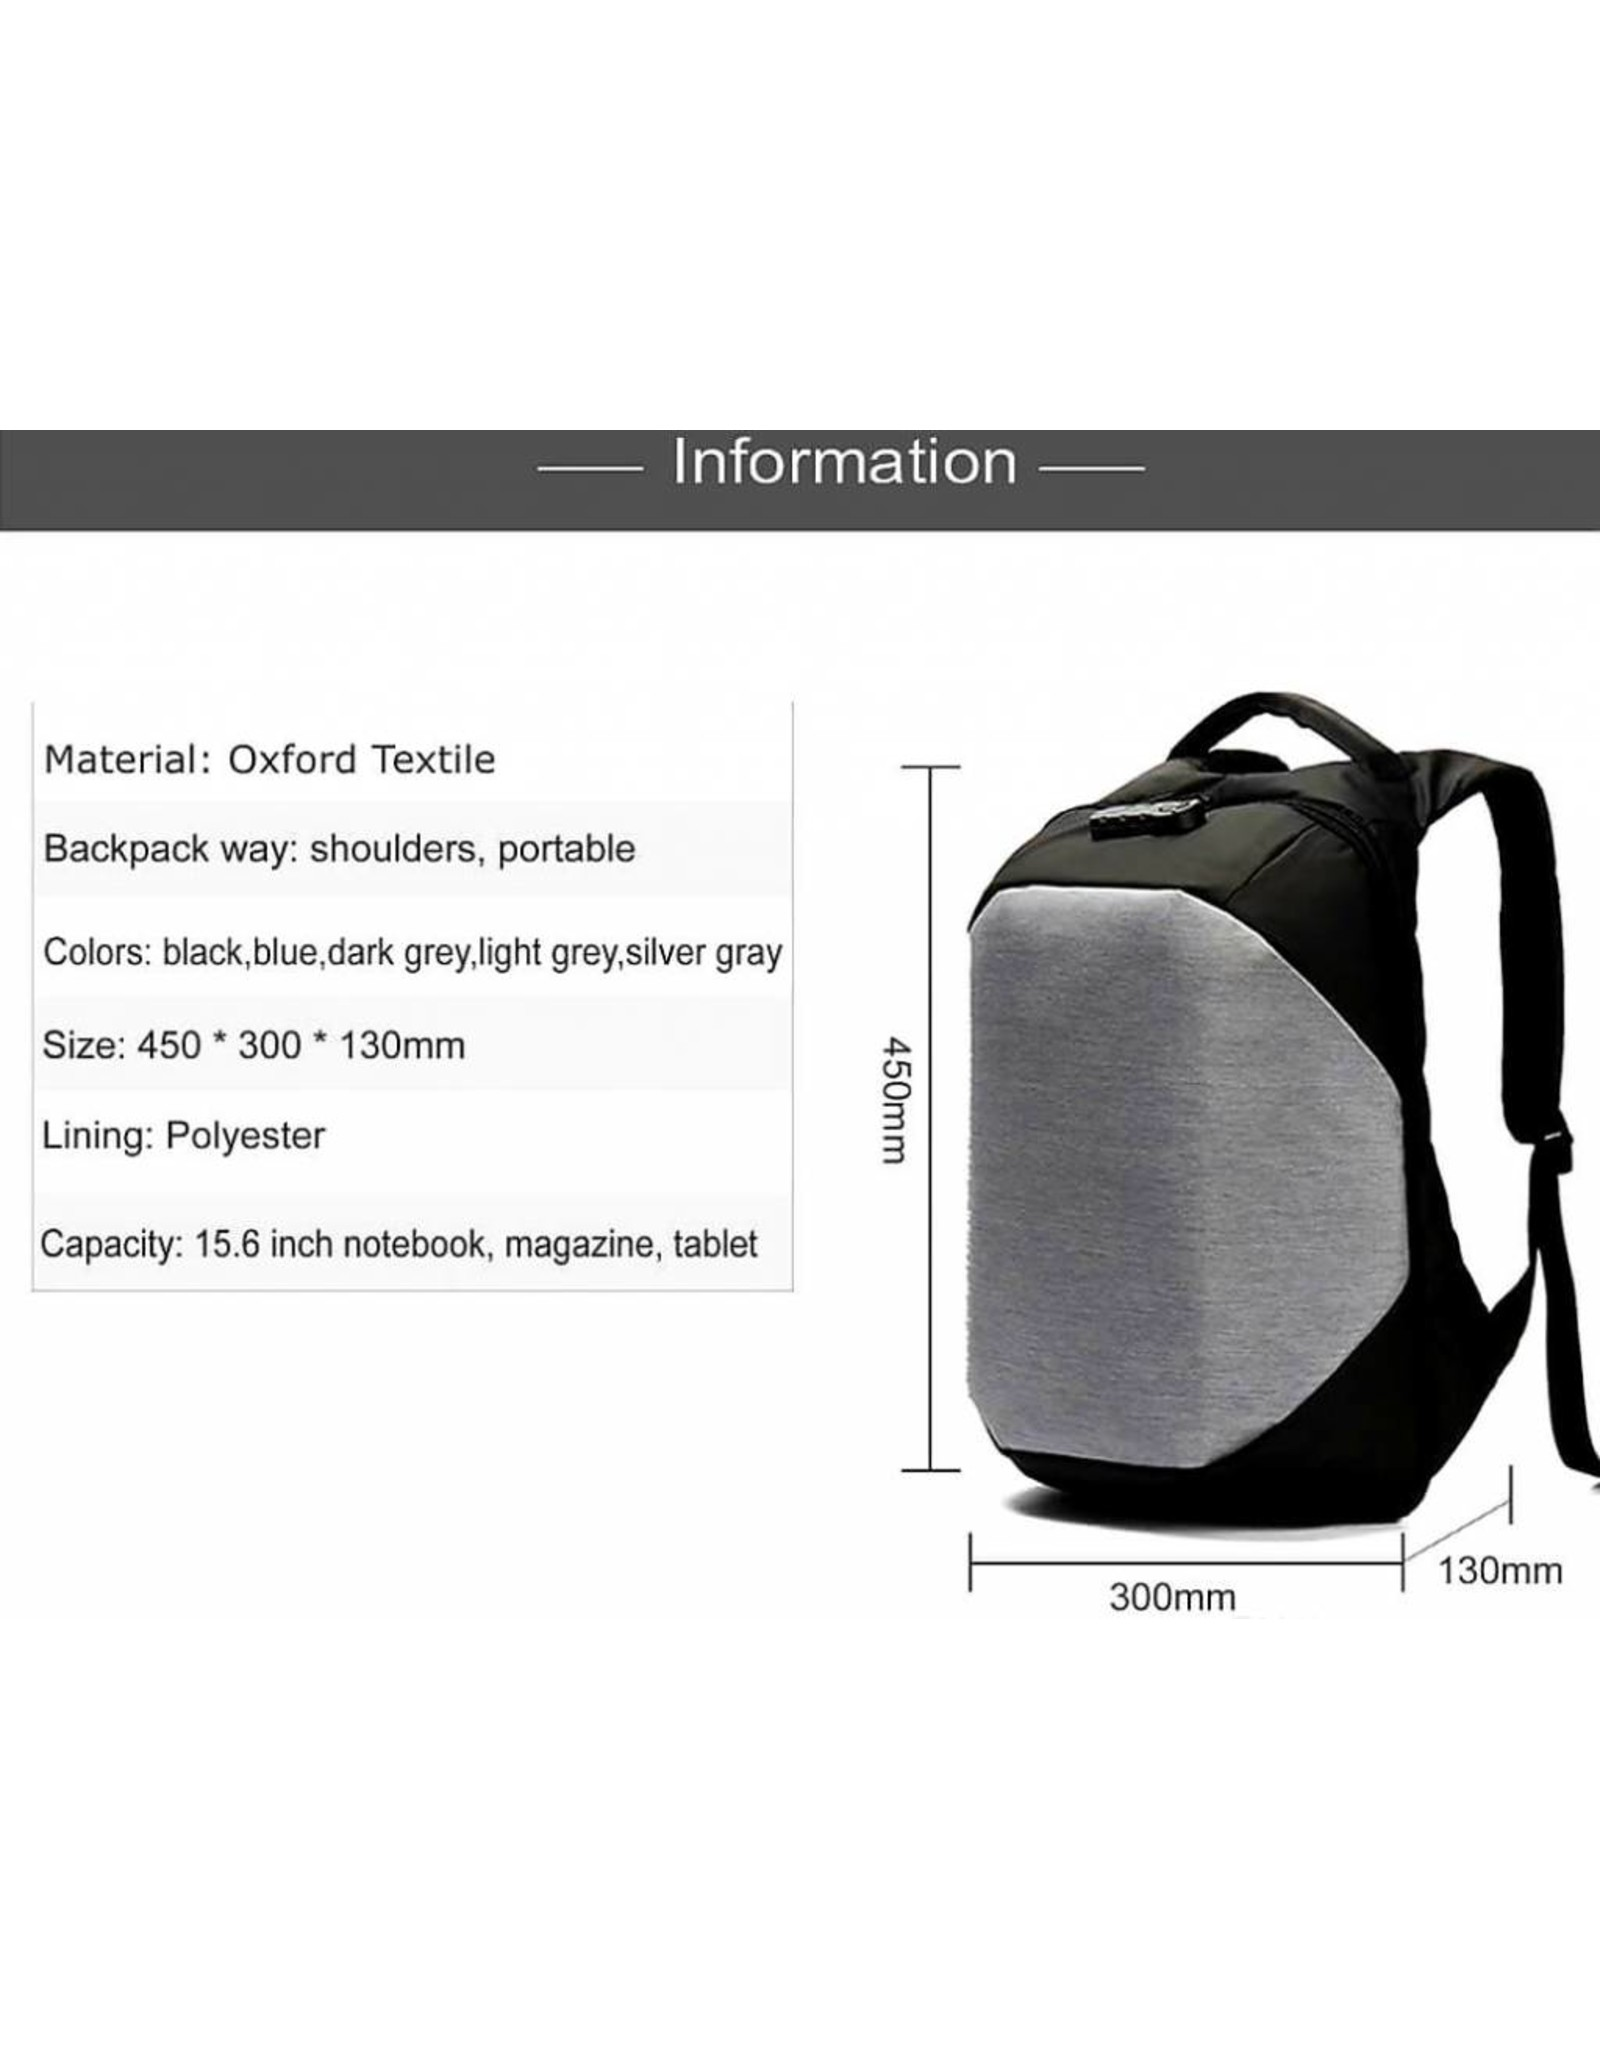 Laptop rugtas / Laptoptas met cijferslot, anti-diefstal, lichtgewicht en trendy, UNISEX,met USB-oplaadaansluiting, GRATIS Regenhoes, voor laptops/tablets tot 15.6 inch